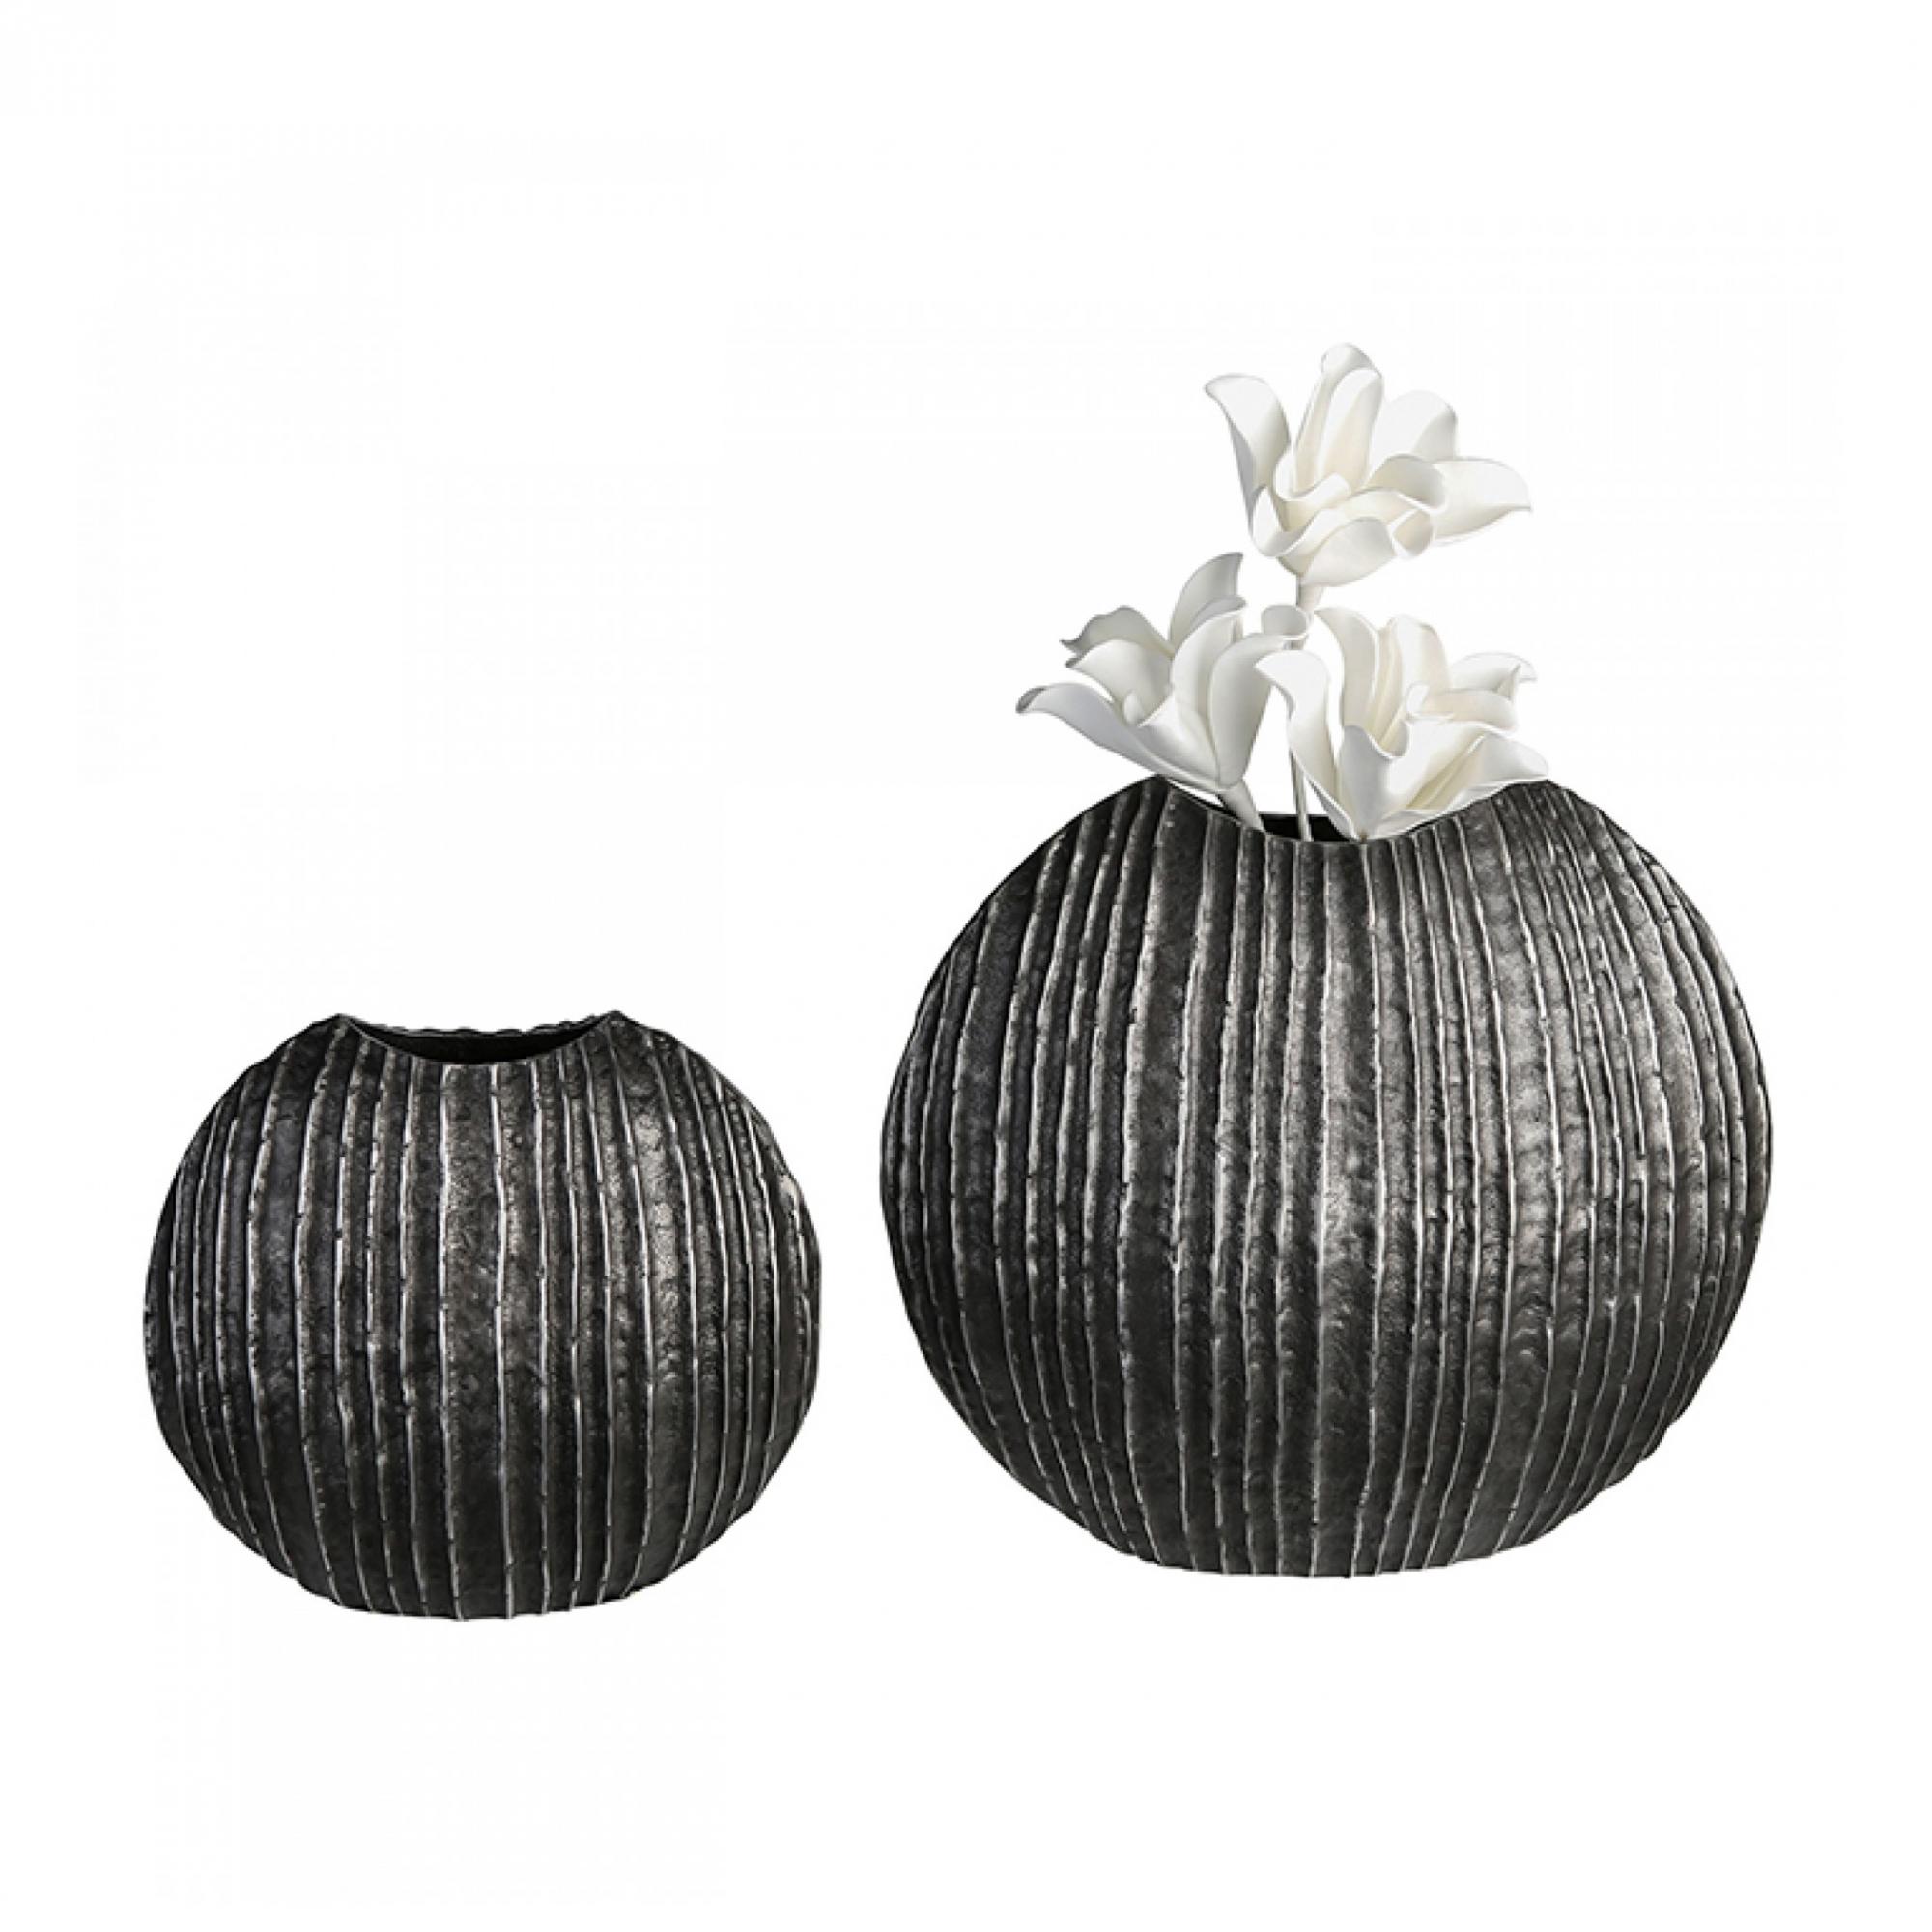 Hliníková váza Vulcano, 26 cm, grafitová